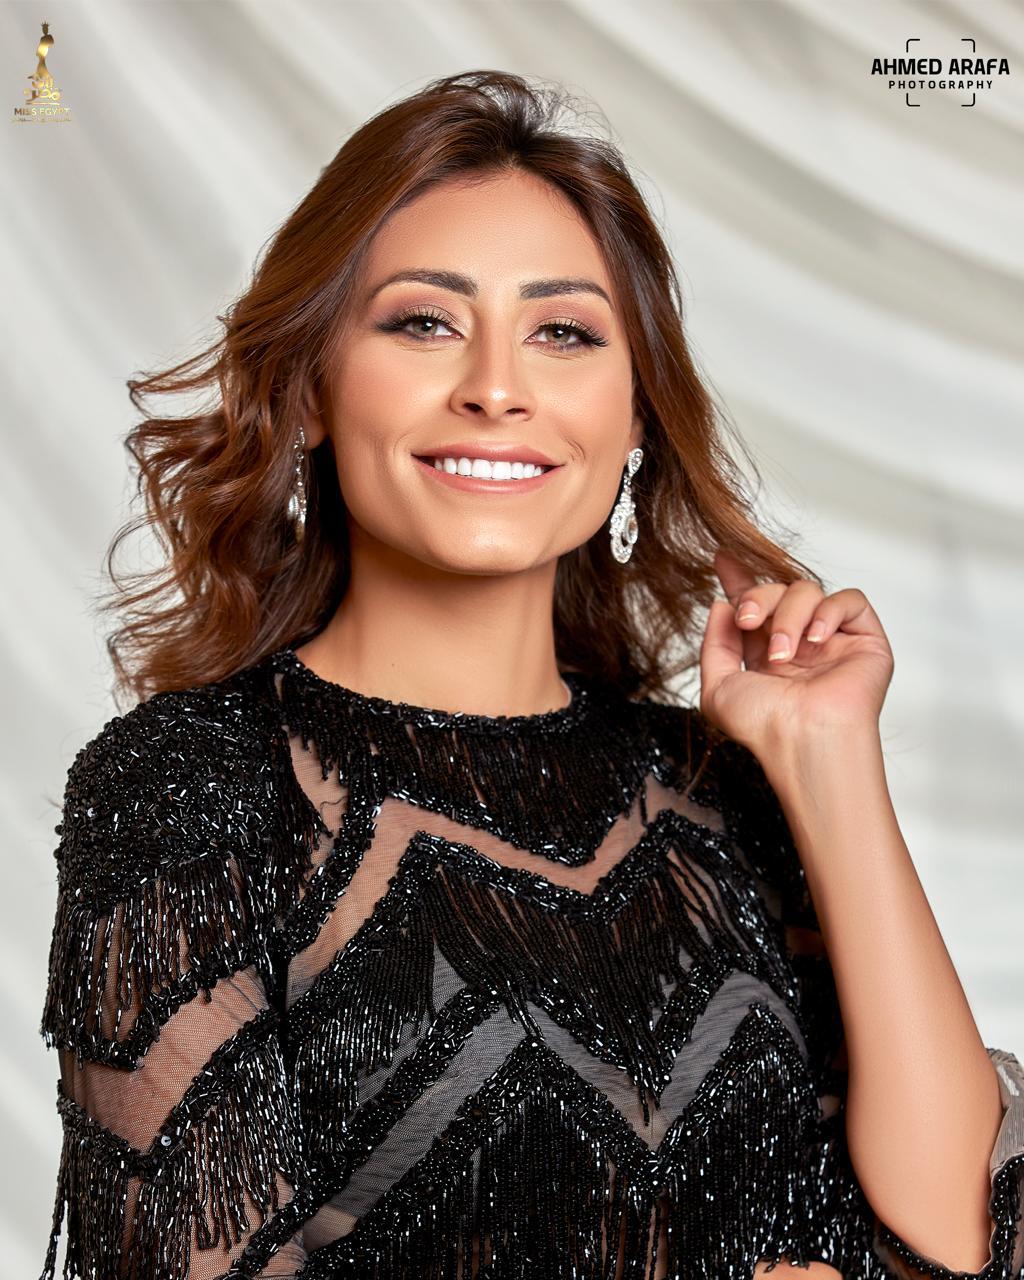 ملكة جمال مصر للسياحة والبيئة (1)